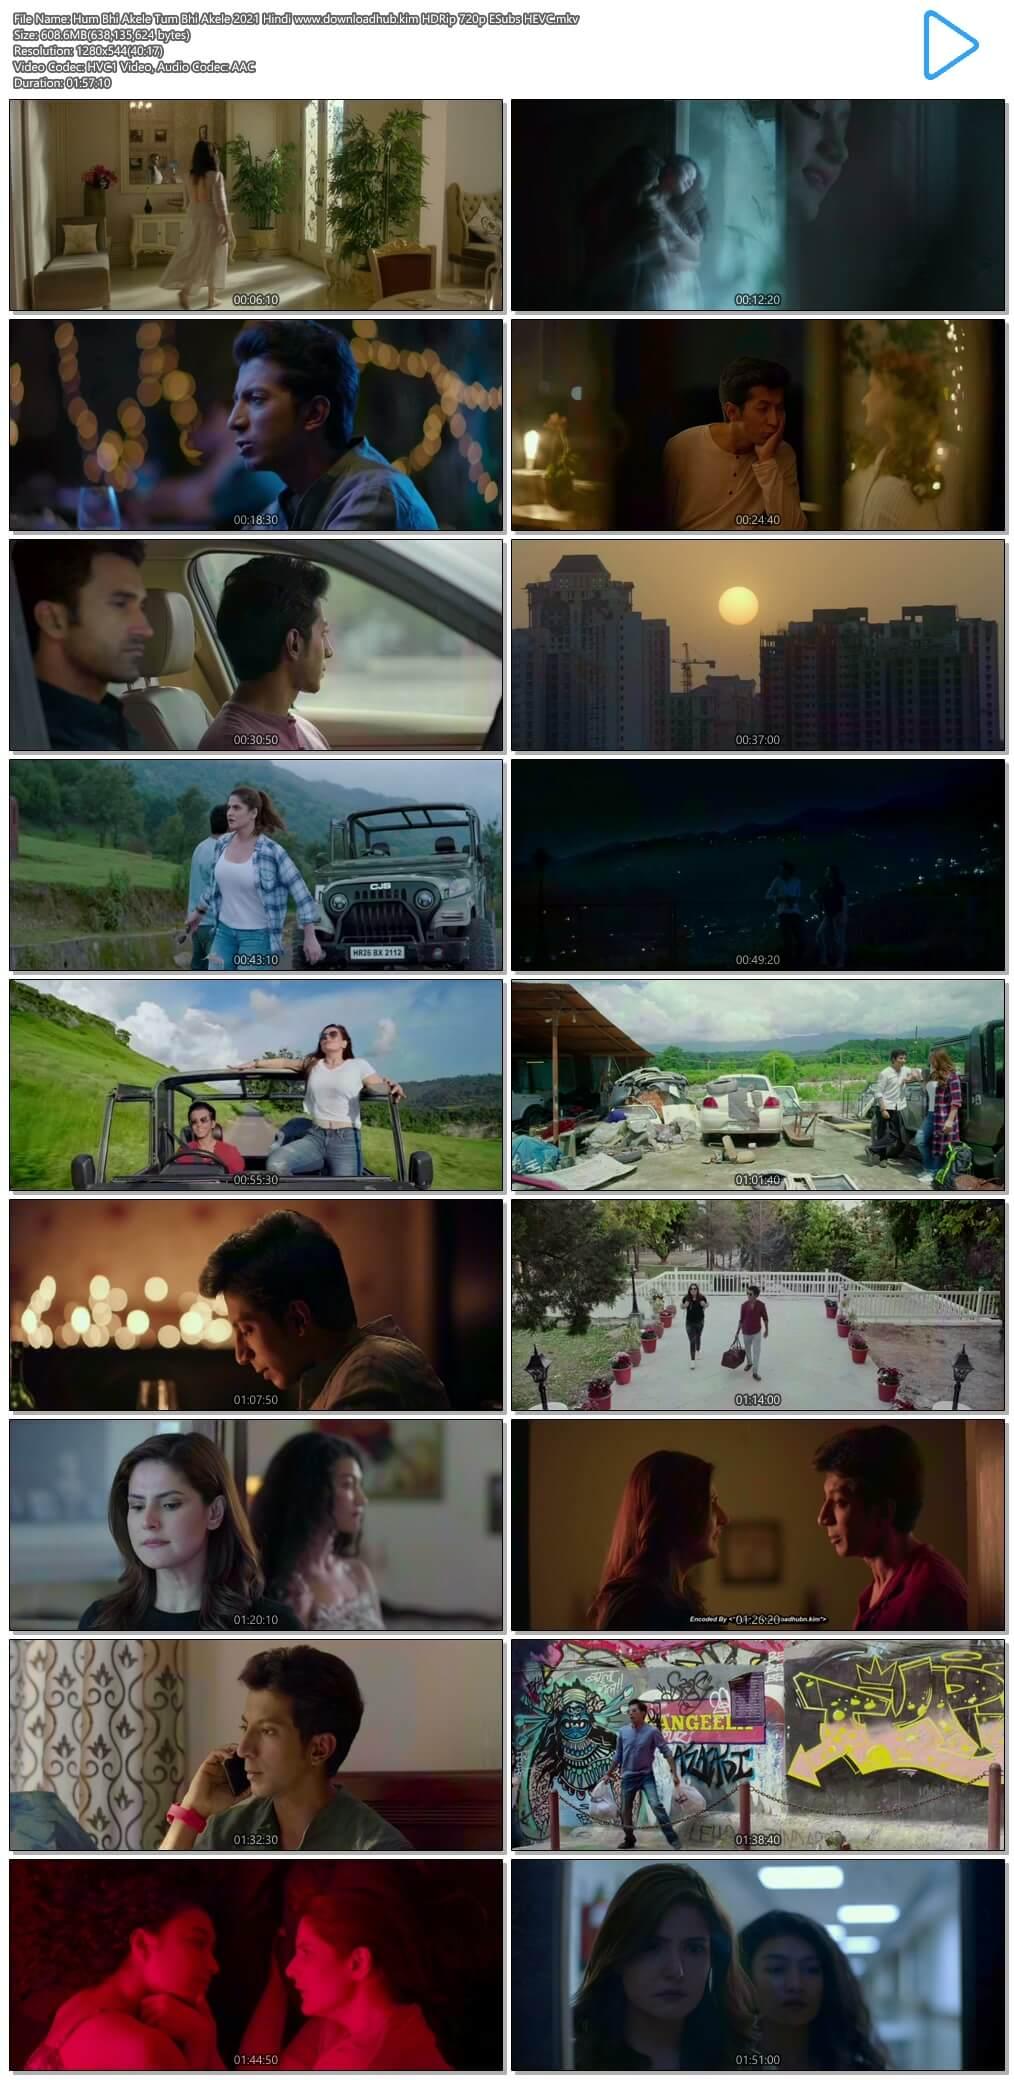 Hum Bhi Akele Tum Bhi Akele 2021 Hindi 600MB HDRip 720p ESubs HEVC